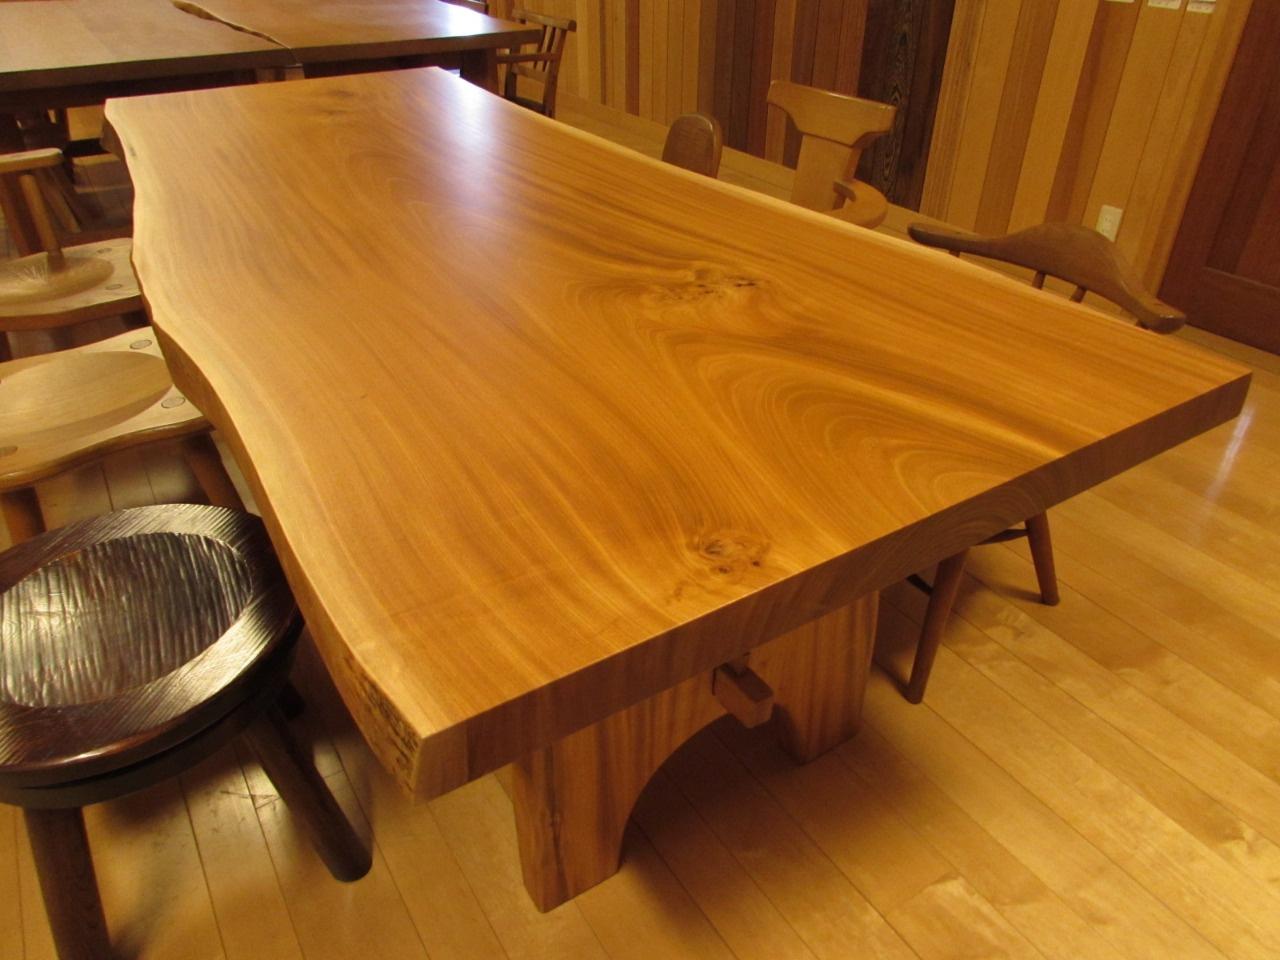 板 テーブル 枚 一 名古屋 一枚板と銘木のお店 ウッドギャラリー源木 一枚板、カウンター 一枚板テーブル、一枚板カウンター、桧一枚板、檜カウンター、鮨カウンター、店舗カウンター、銘木、